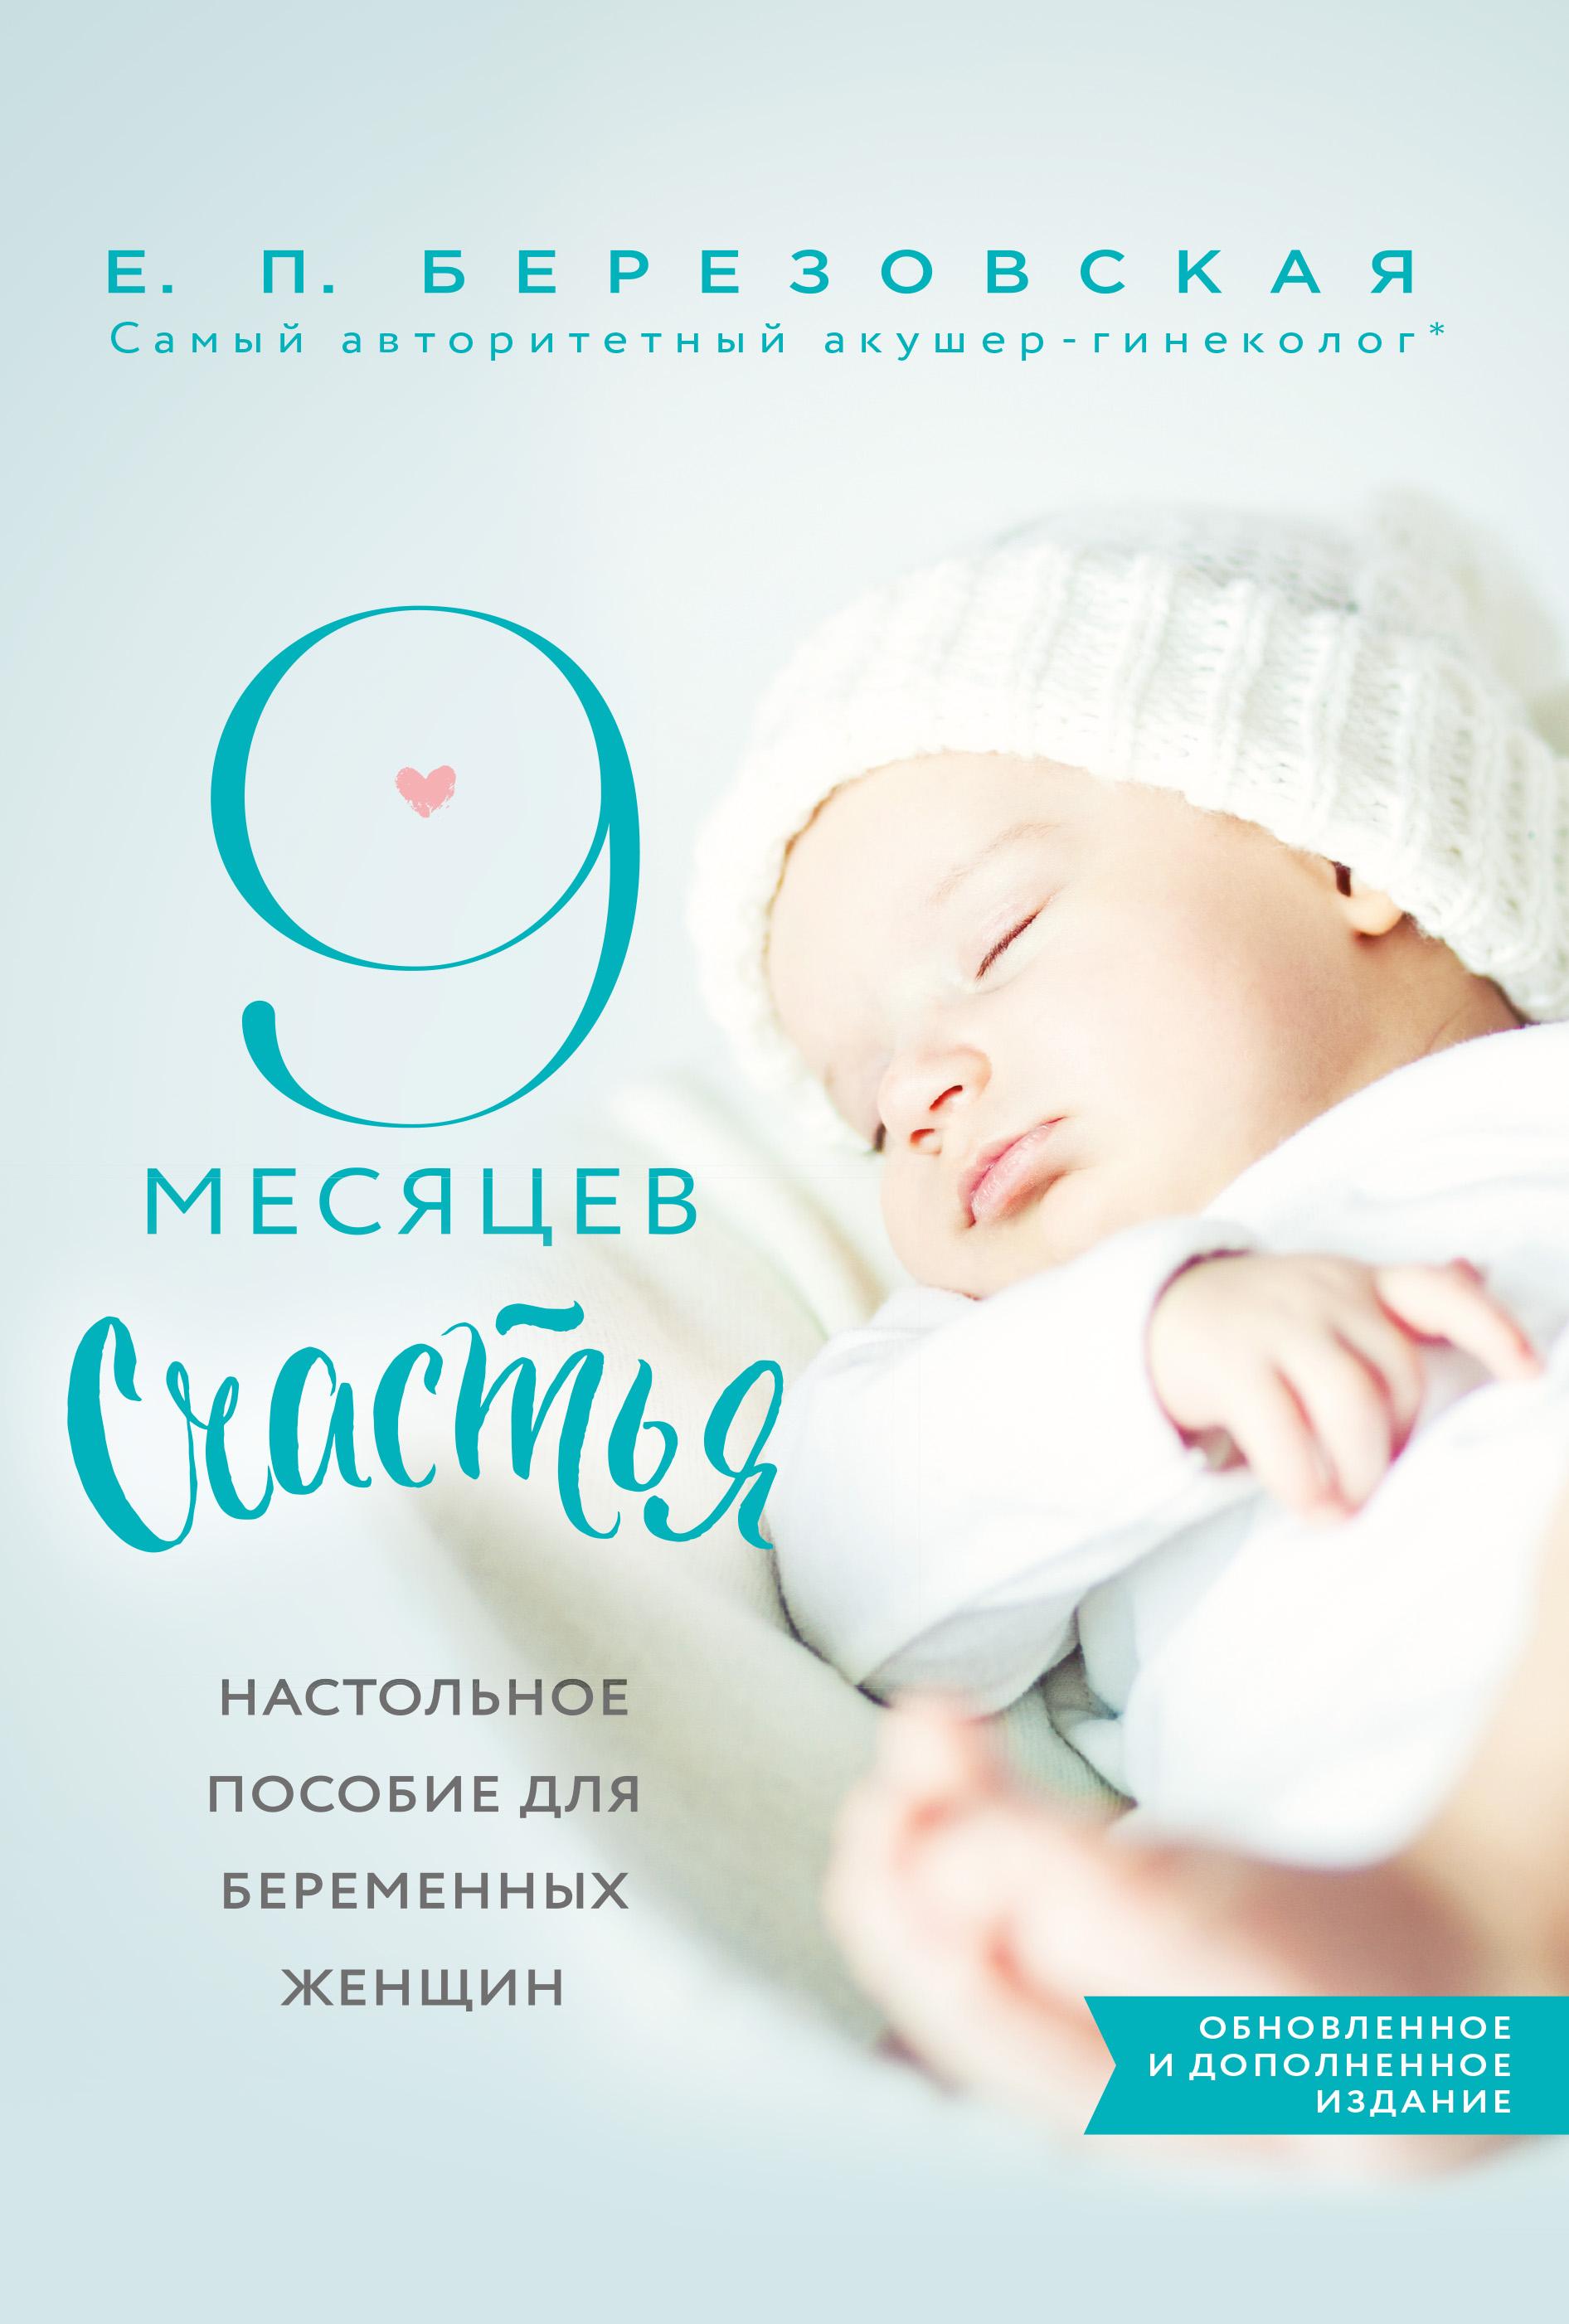 Елена Березовская 9 месяцев счастья. Настольное пособие для беременных женщин эксмо 9 месяцев счастья настольное пособие для беременных женщин